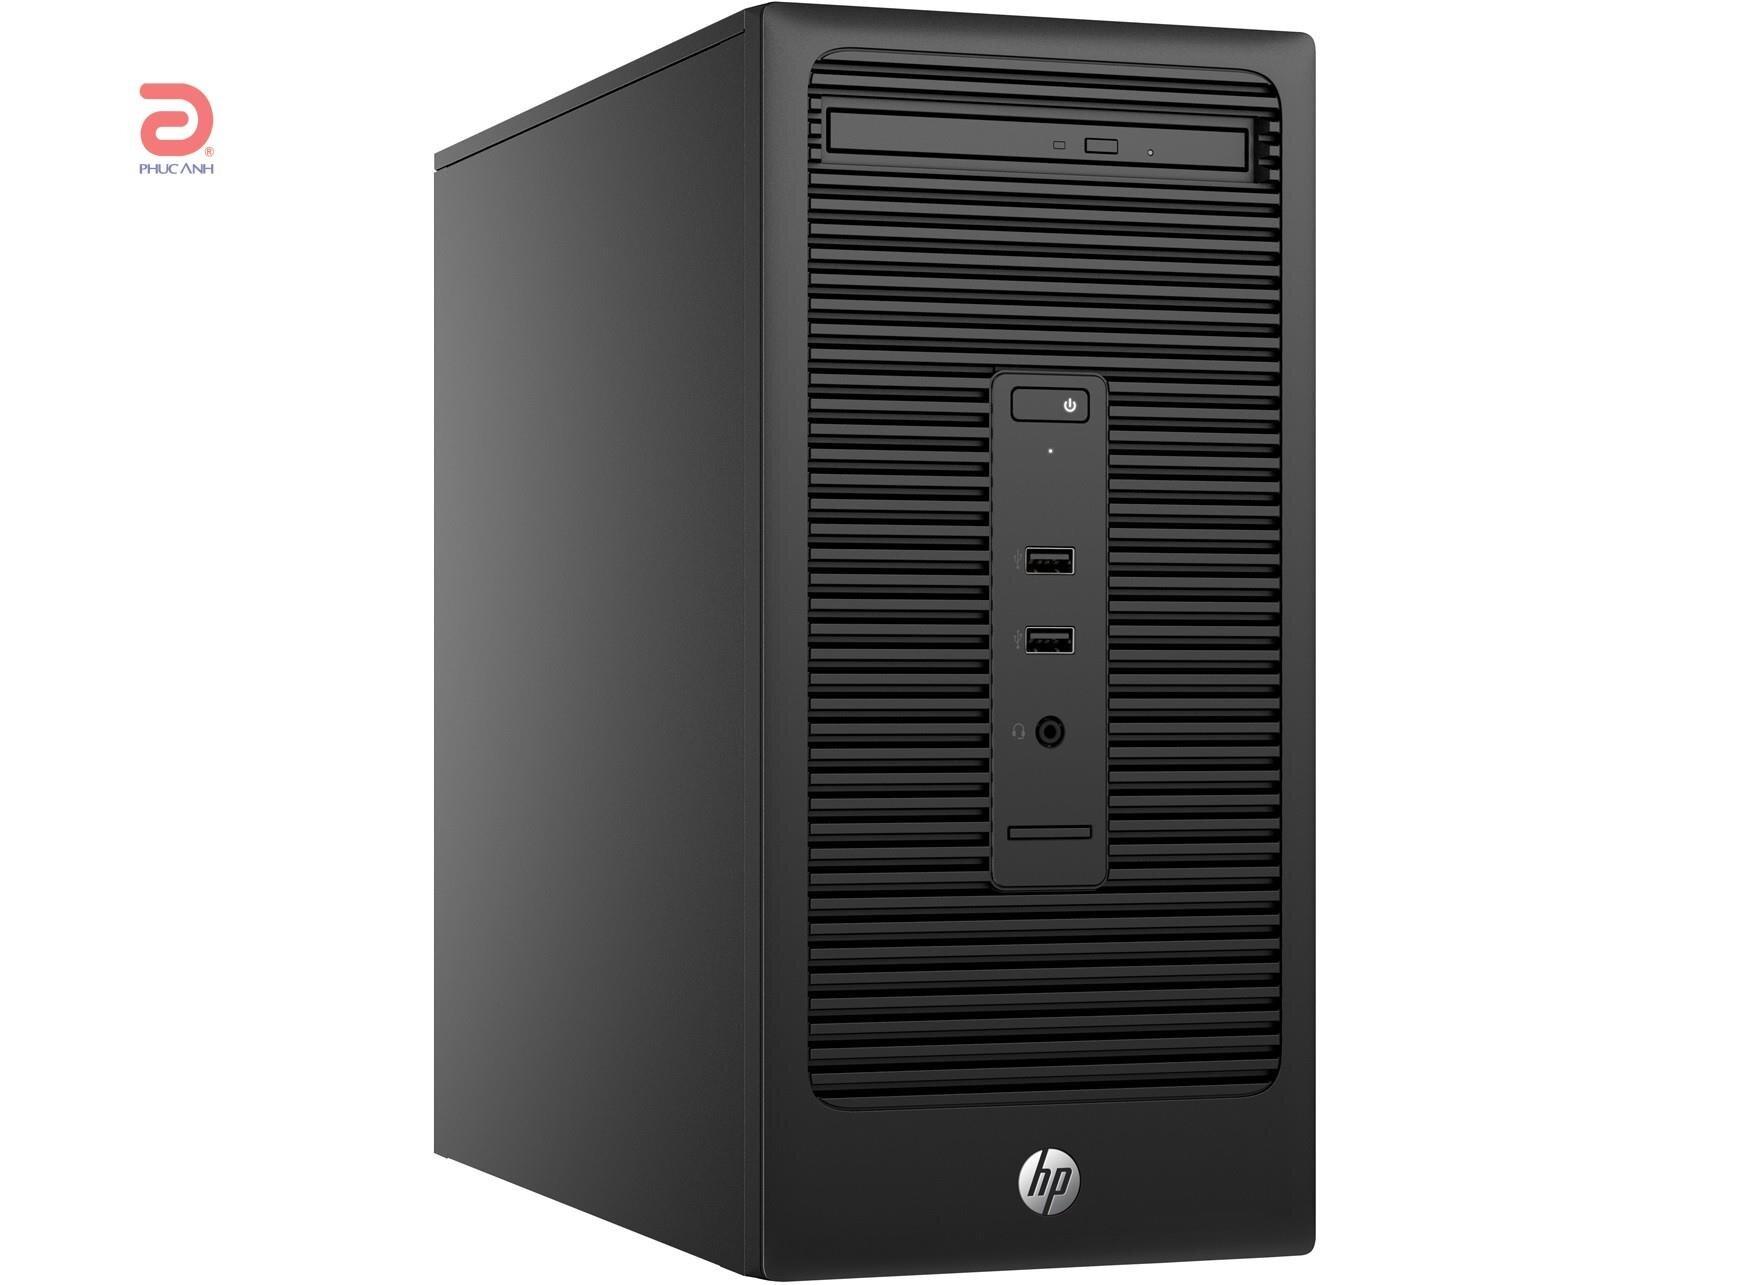 Máy tính để bàn HP 280 G2 1AM03PA - Intel Core i5 6500, RAM 4GB, HDD 1TB, Intel HD Graphics